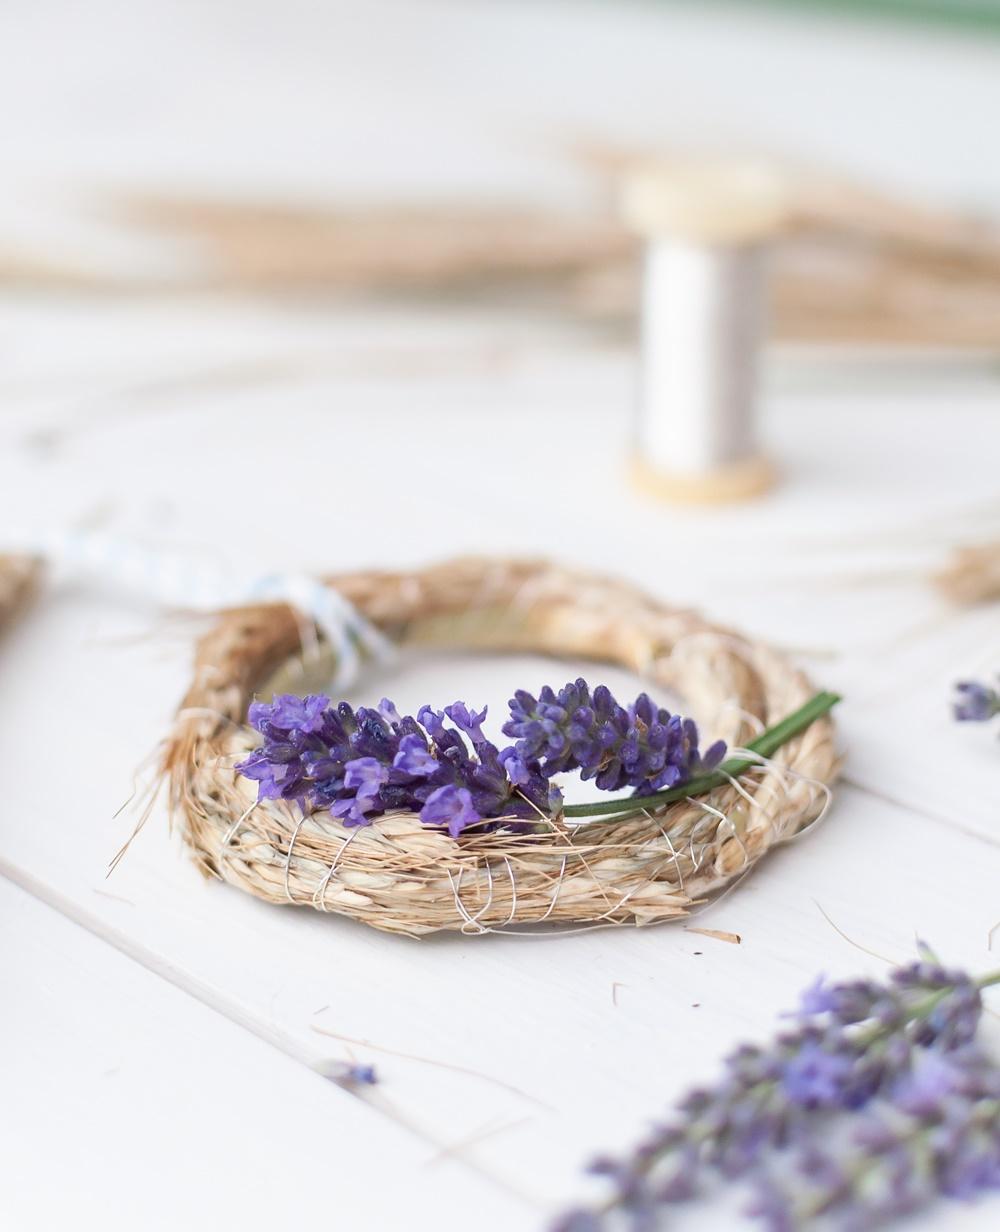 Kranz aus Ähren mit Lavendel